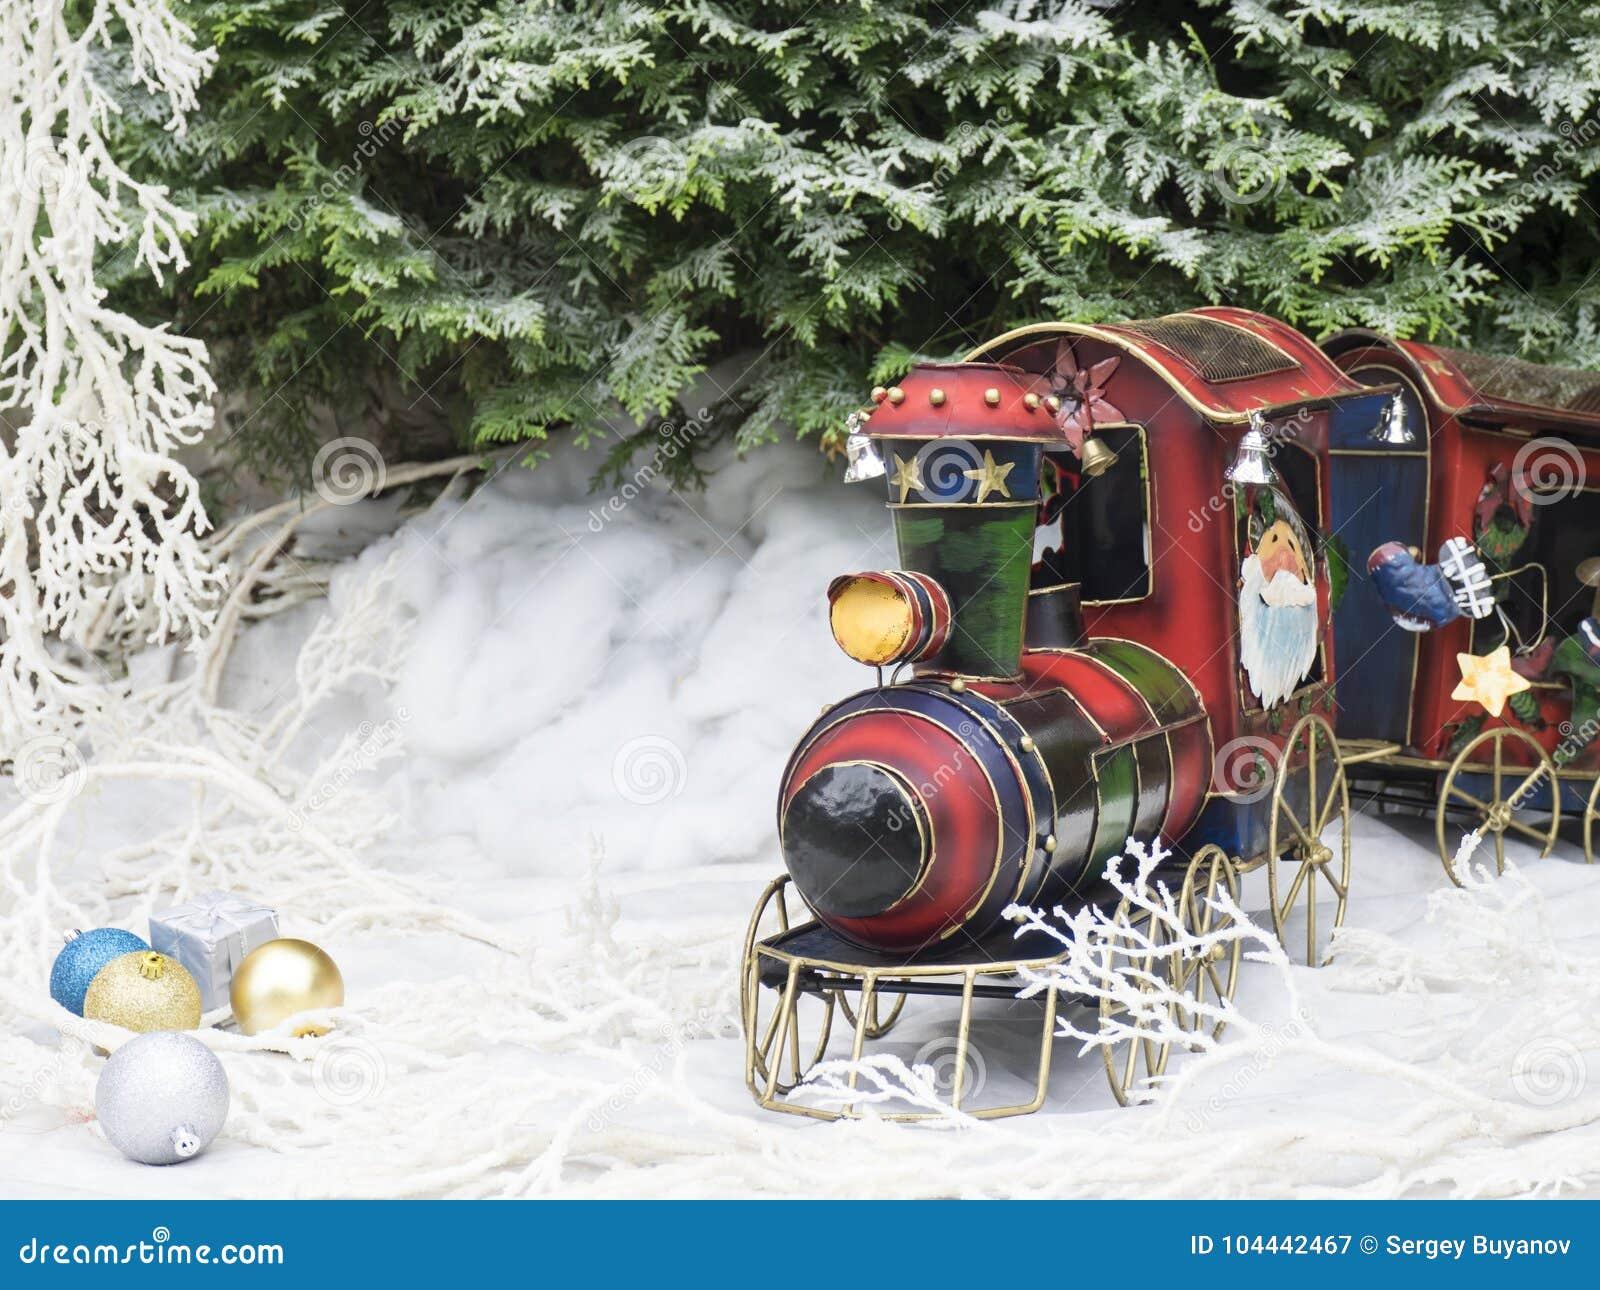 Boże Narodzenie zabawki kontrpary pociąg w zima lesie